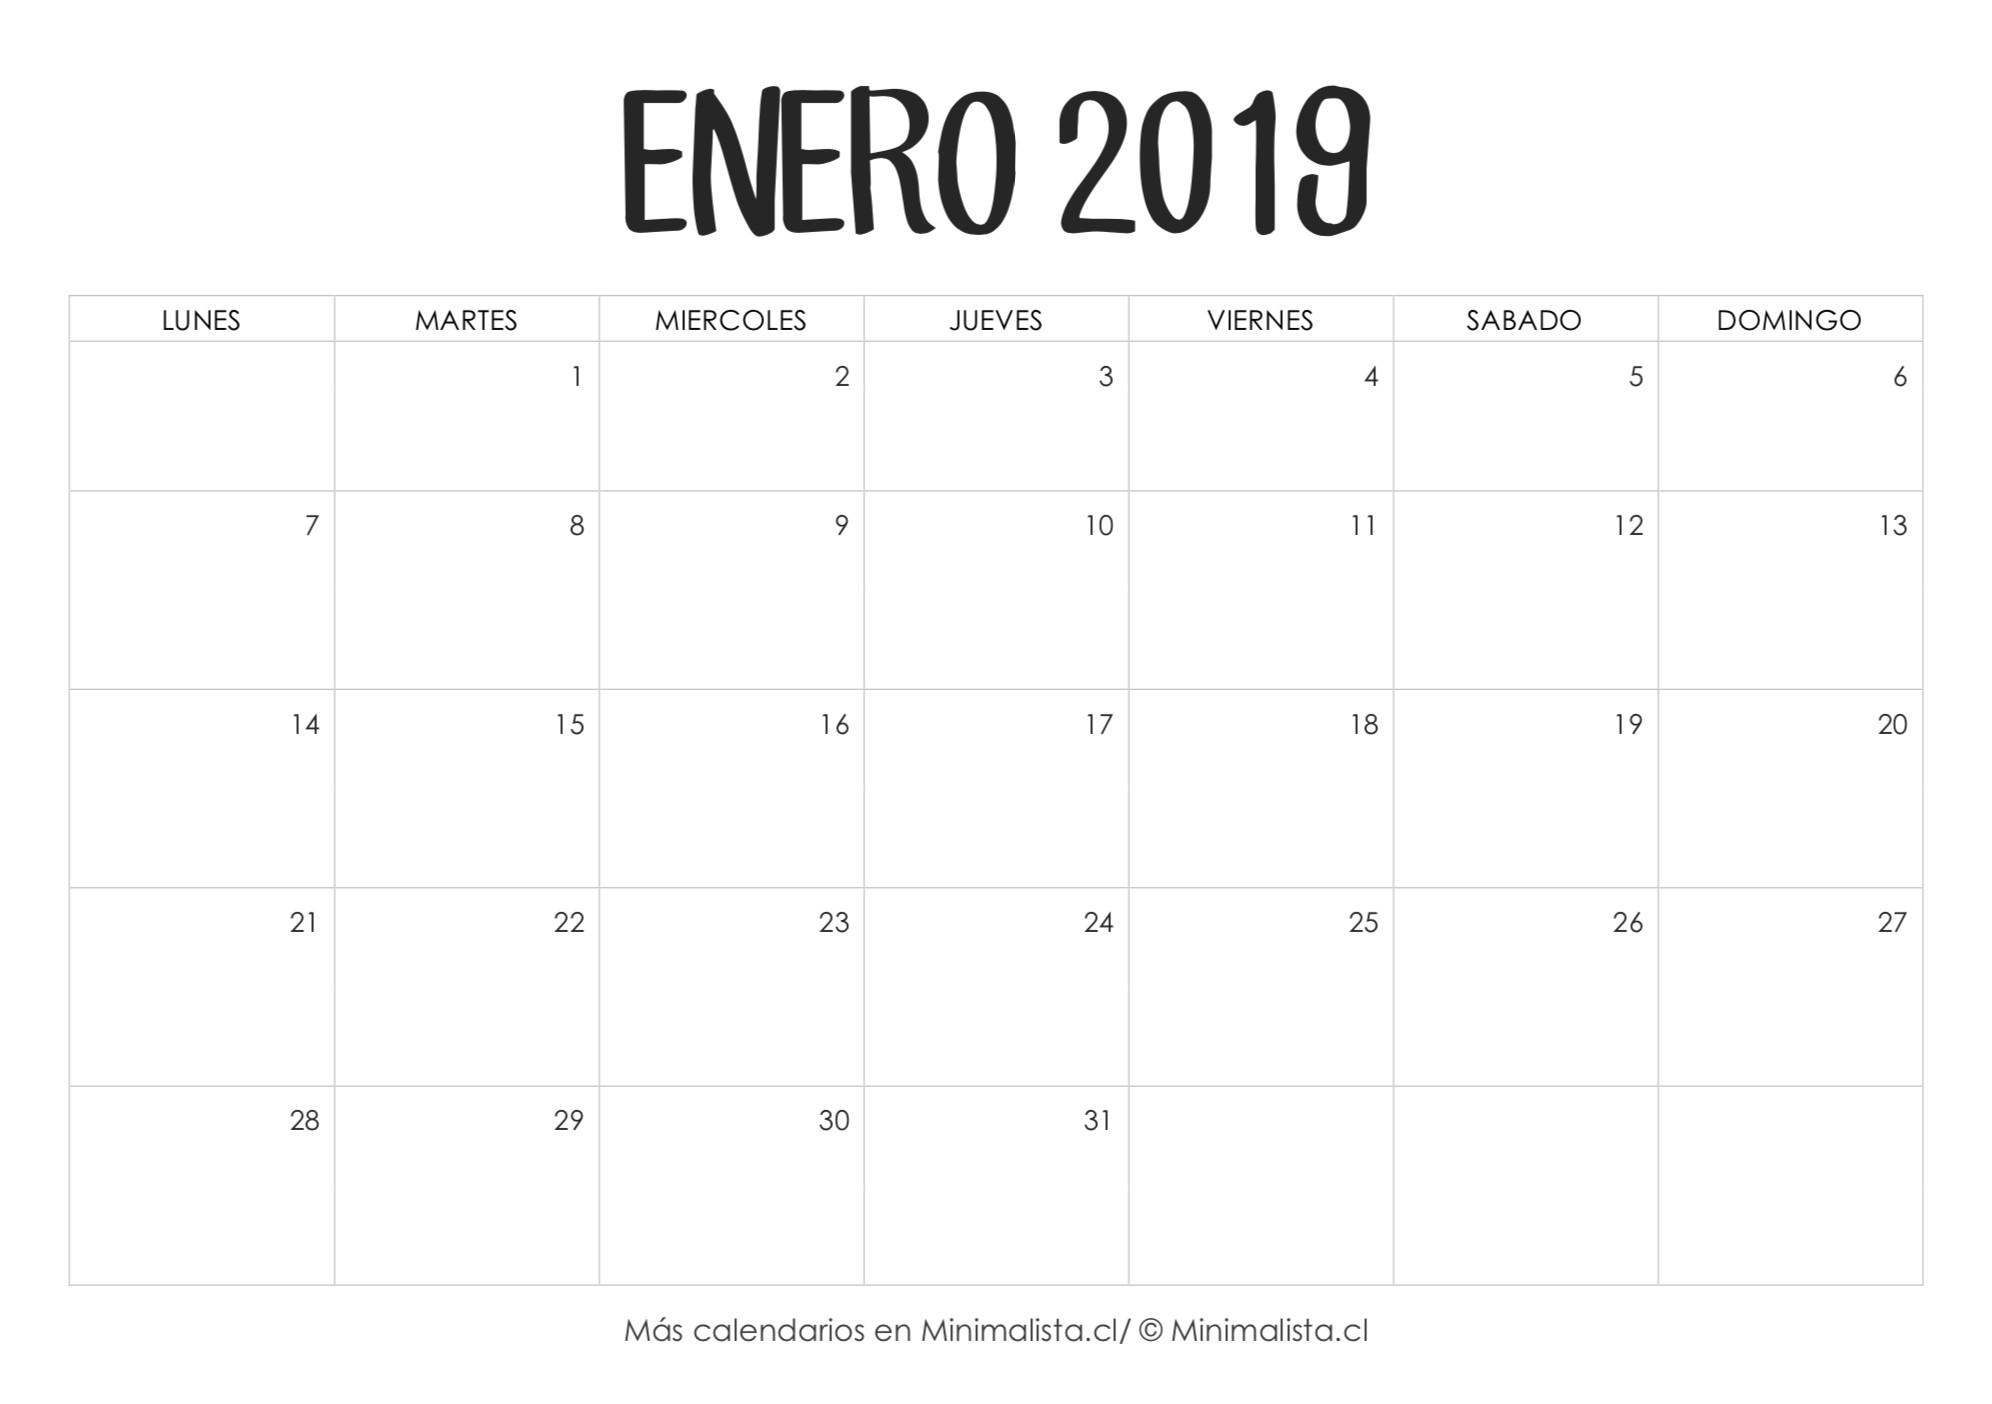 Calendario Imprimir Diciembre Más Caliente Best Calendario Enero 2019 Para Imprimir Gratis Image Collection Of Calendario Imprimir Diciembre Más Actual Calendario Para Imprimir